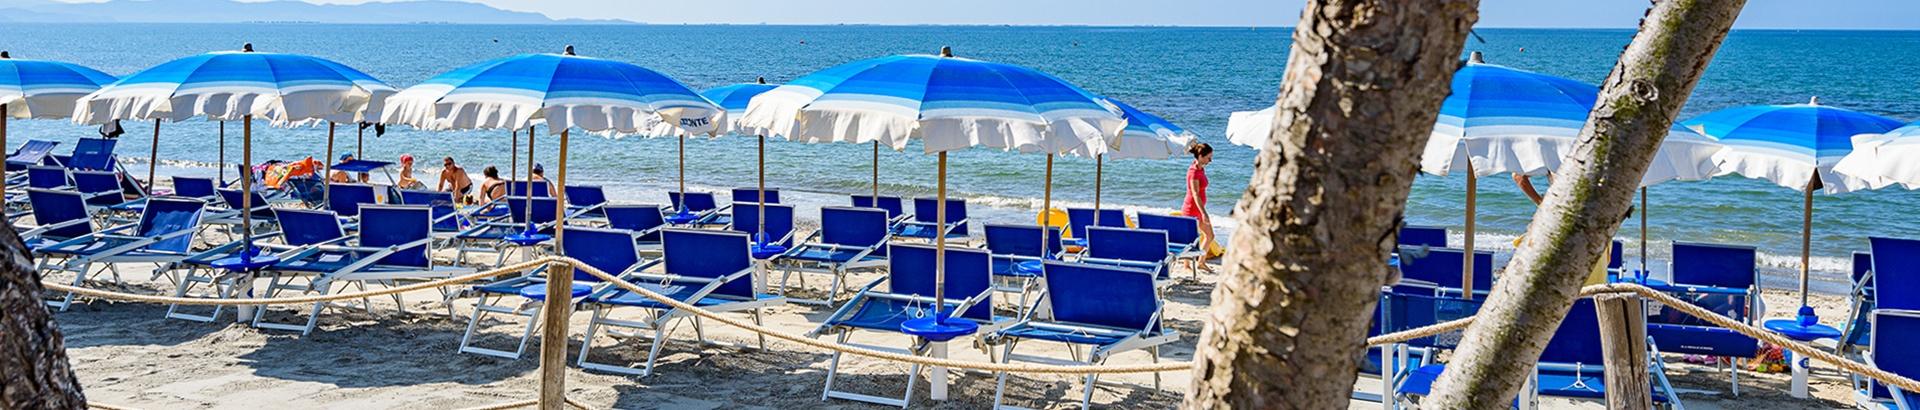 Villaggio con spiaggia privata in Toscana